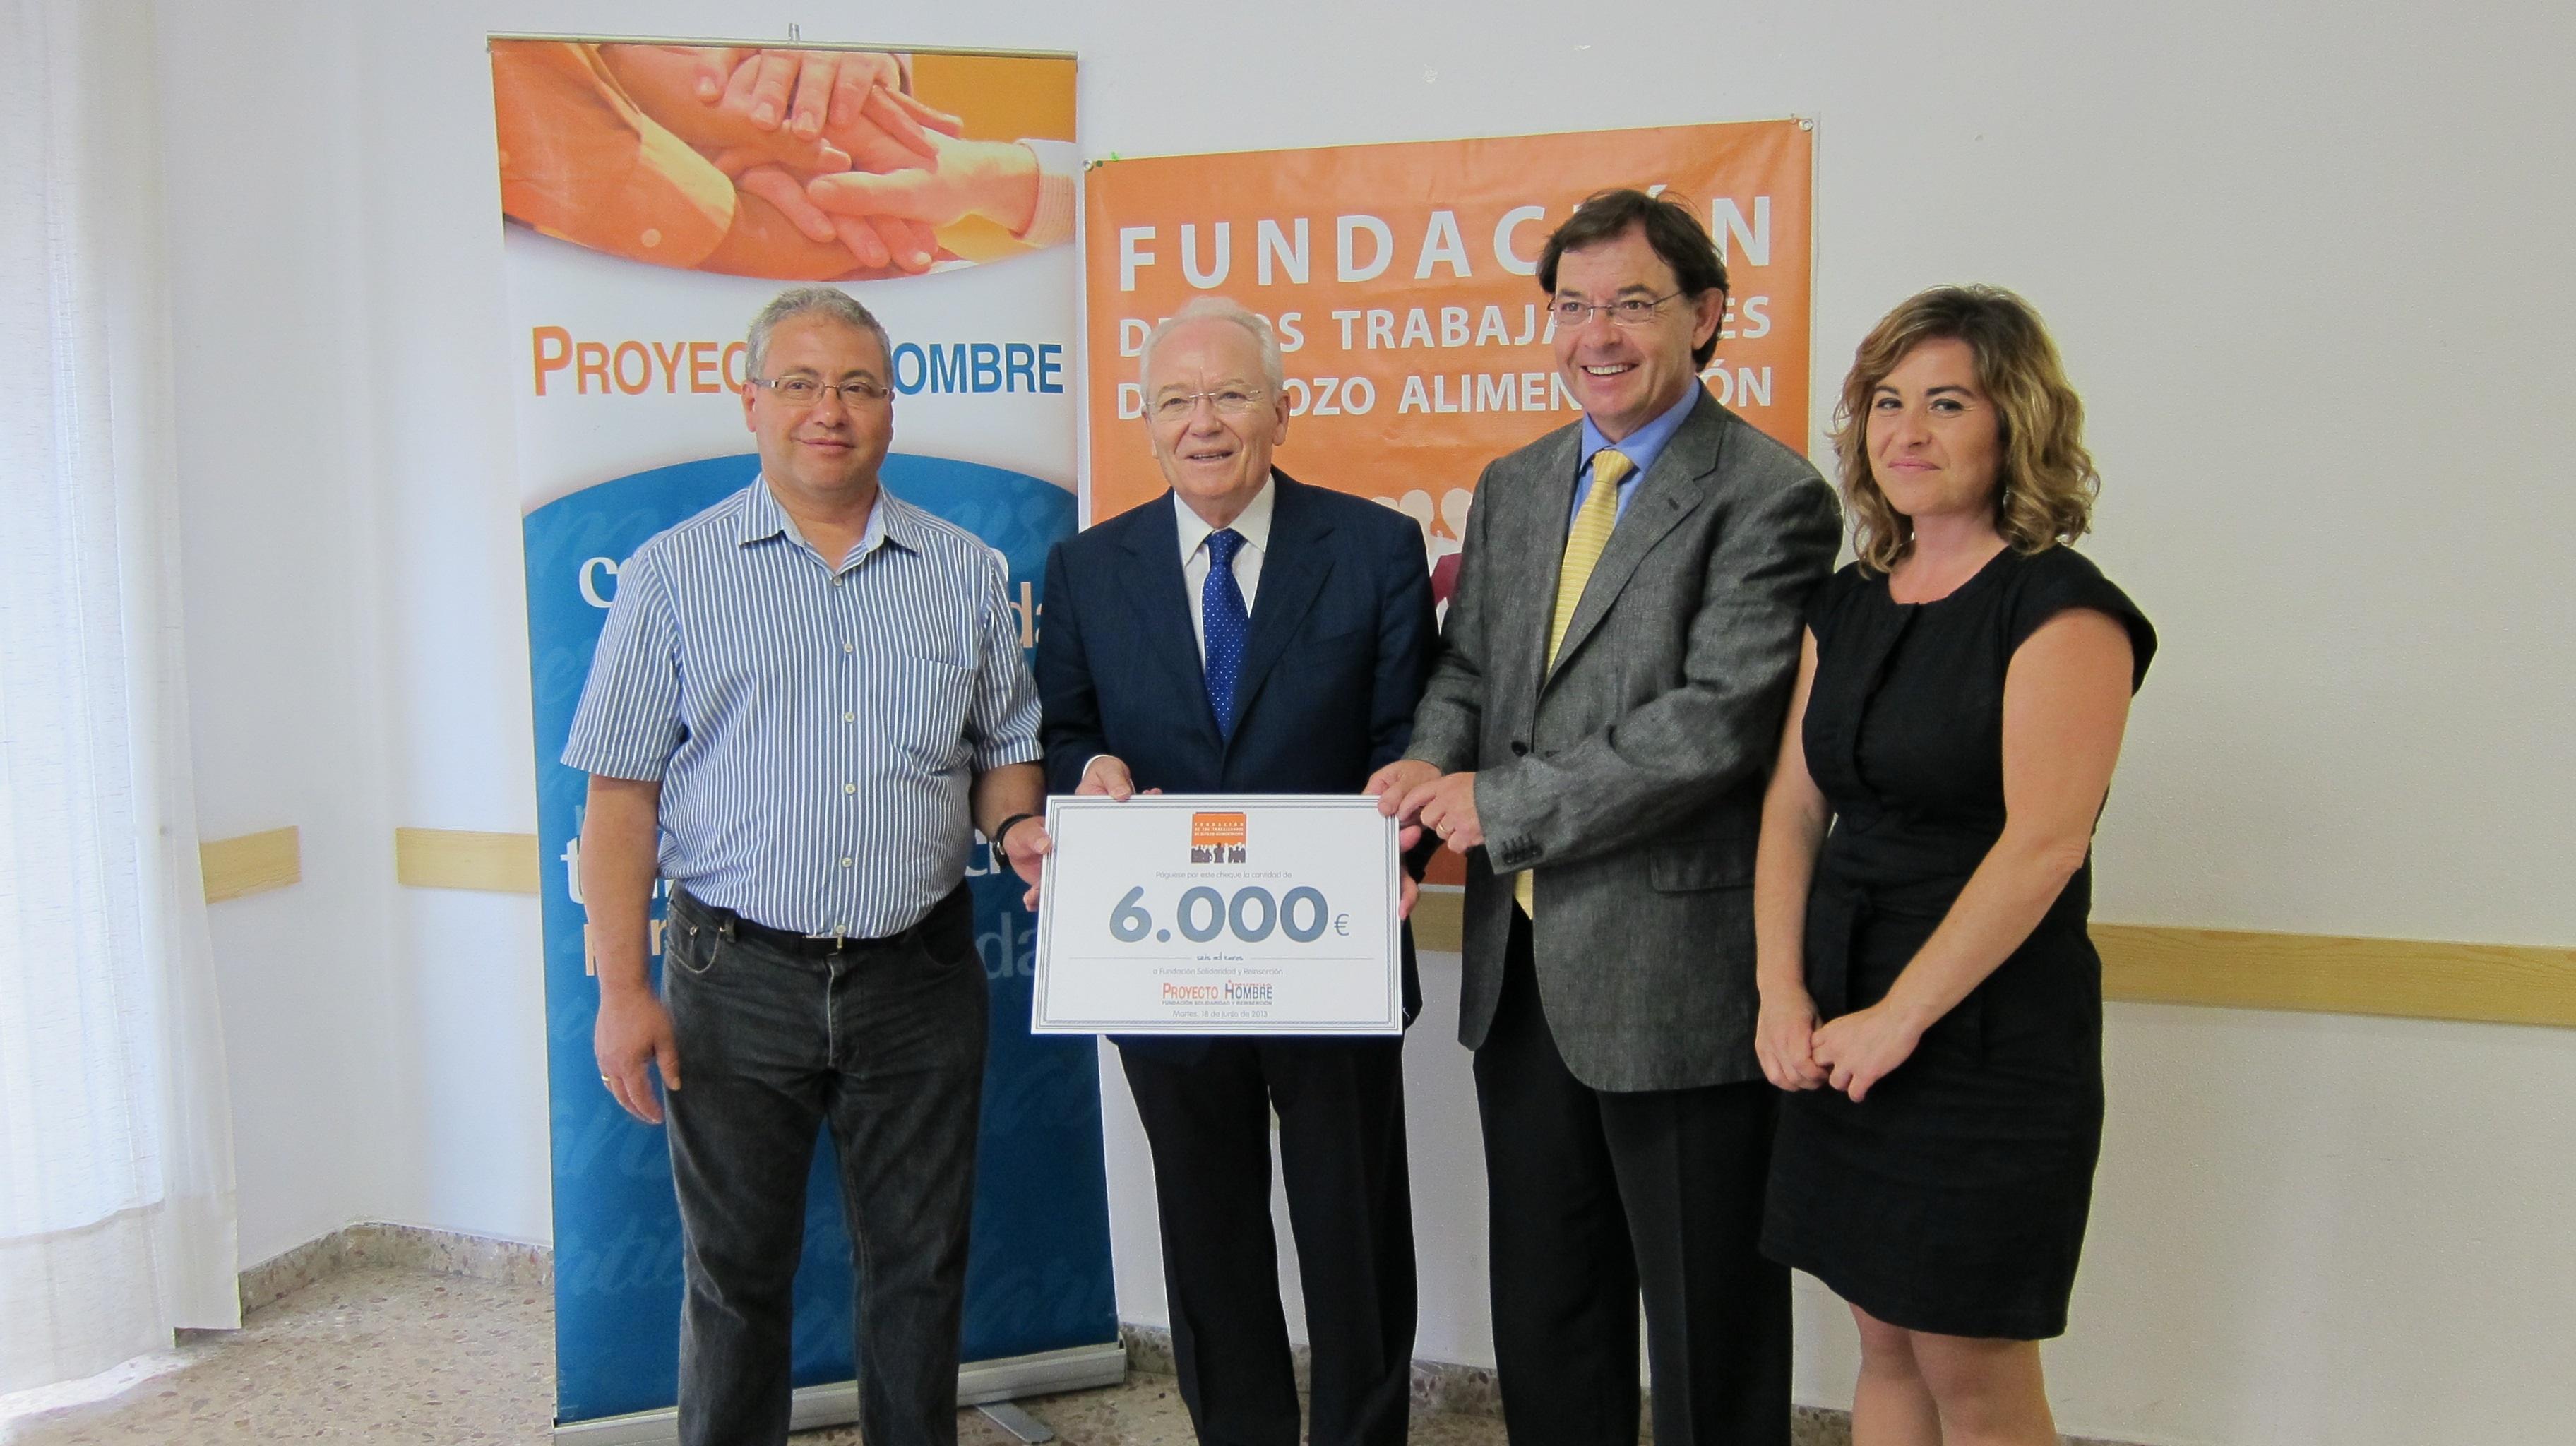 Fundación de Trabajadores de ElPozo Alimentación dona 6.000 euros a Proyecto Hombre para continuar con su apoyo a ONG